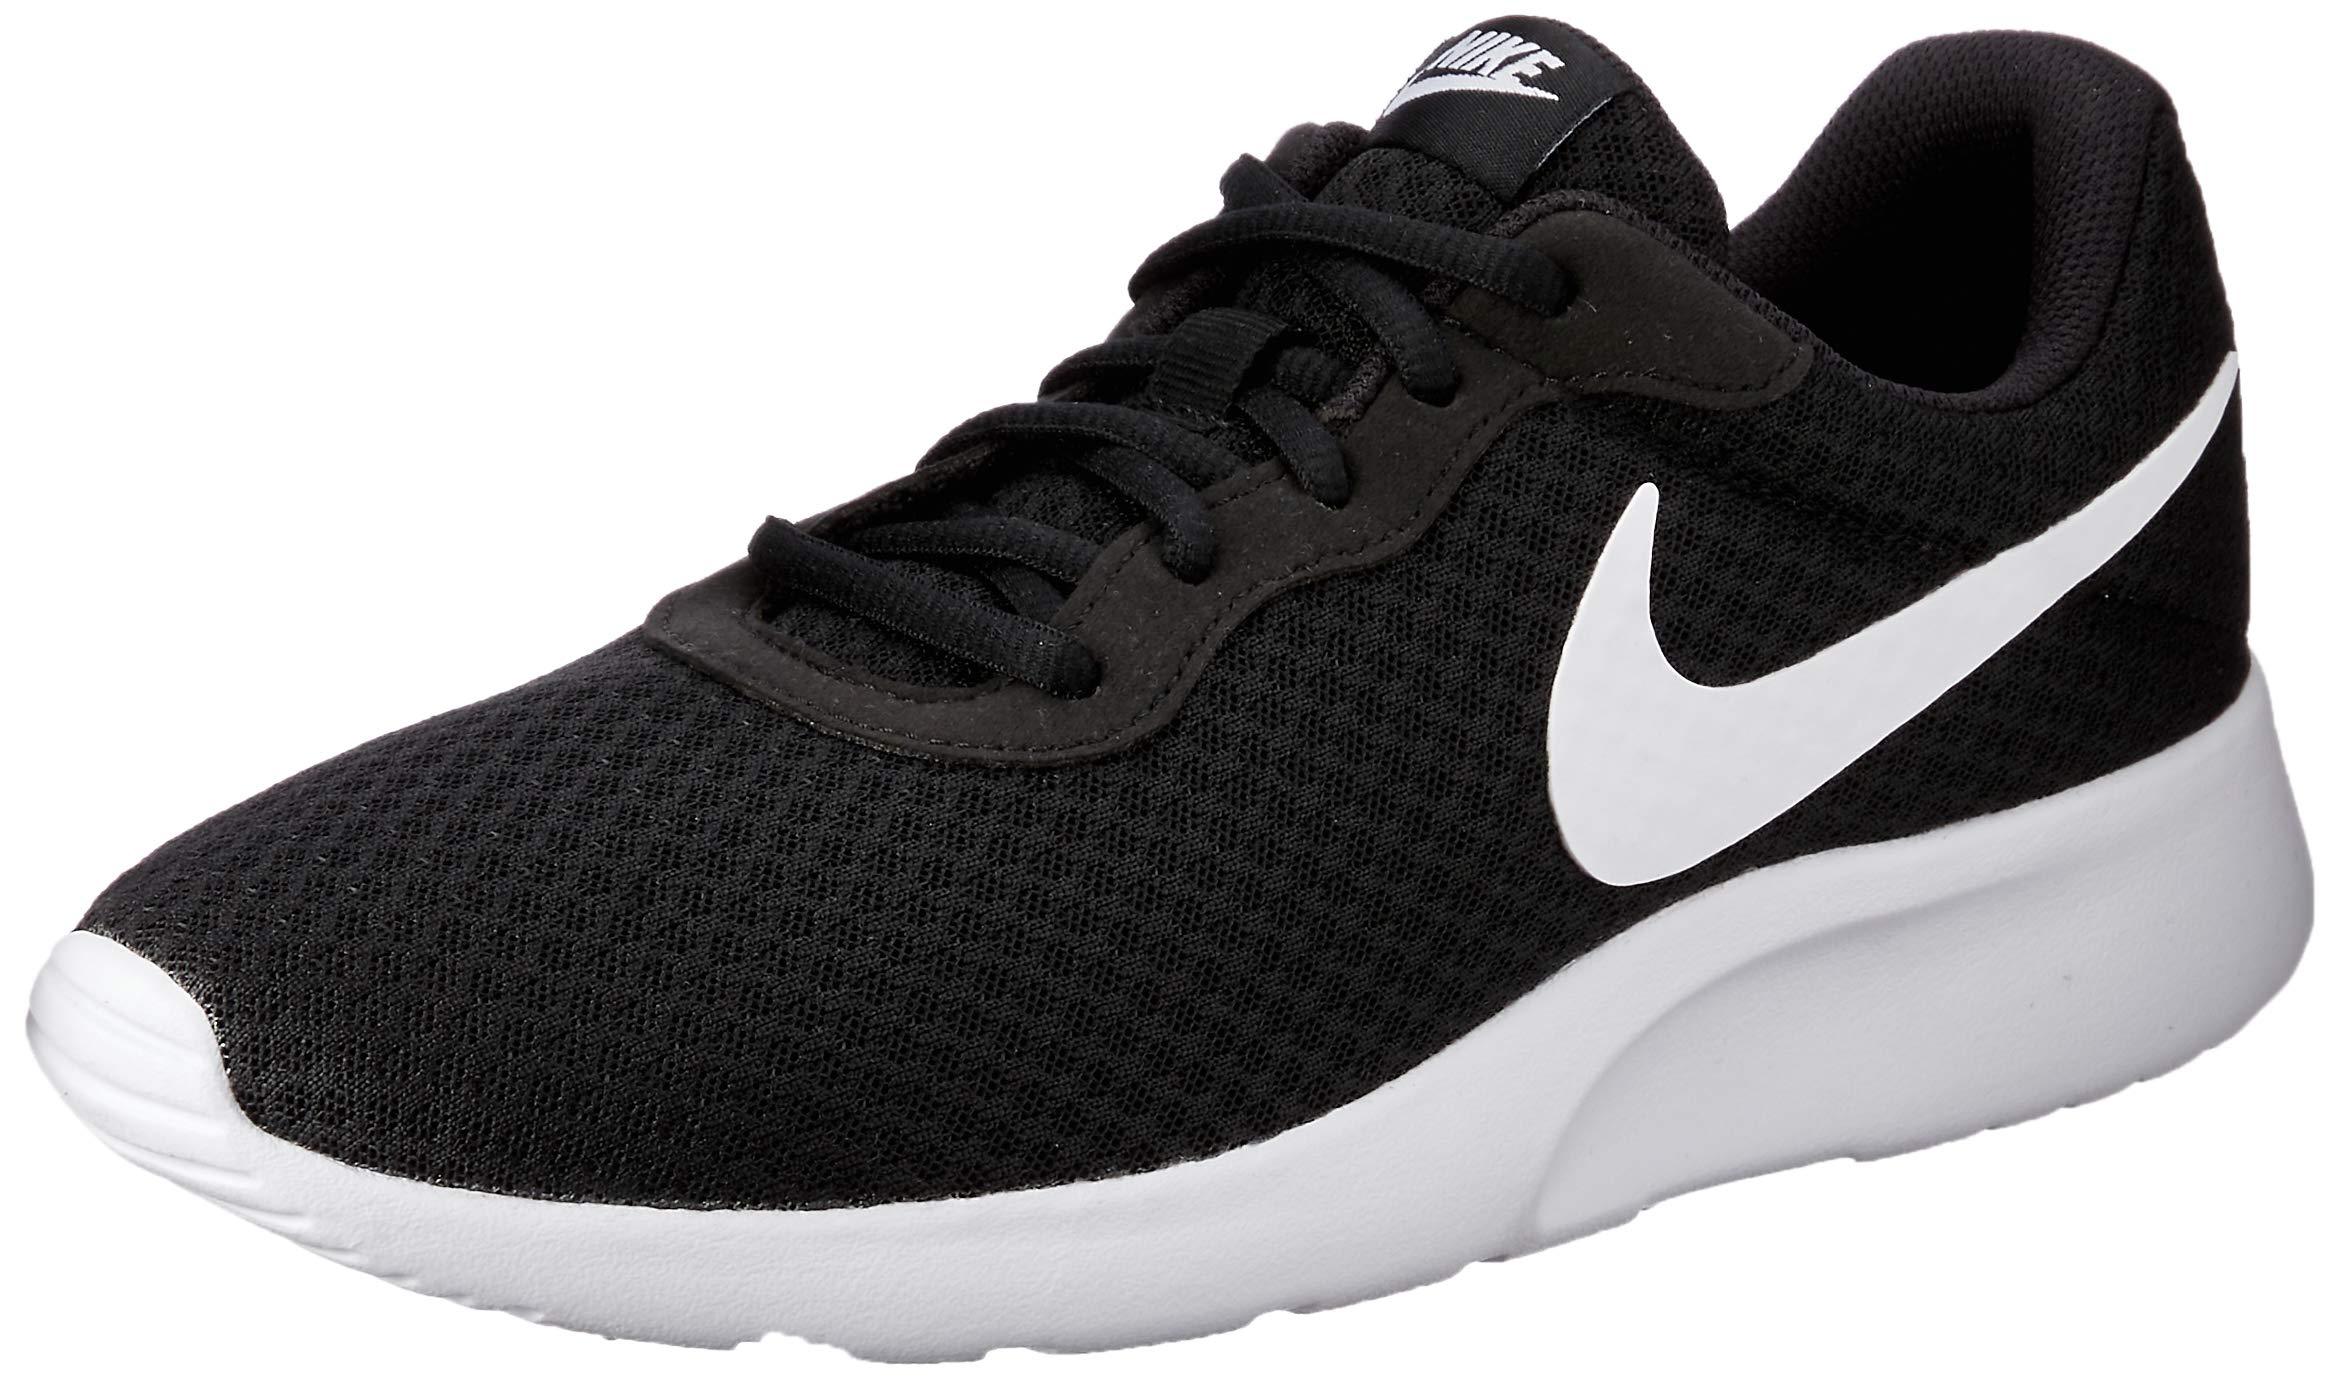 Nike 耐克  男 休闲跑步鞋 NIKE TANJUN  812654